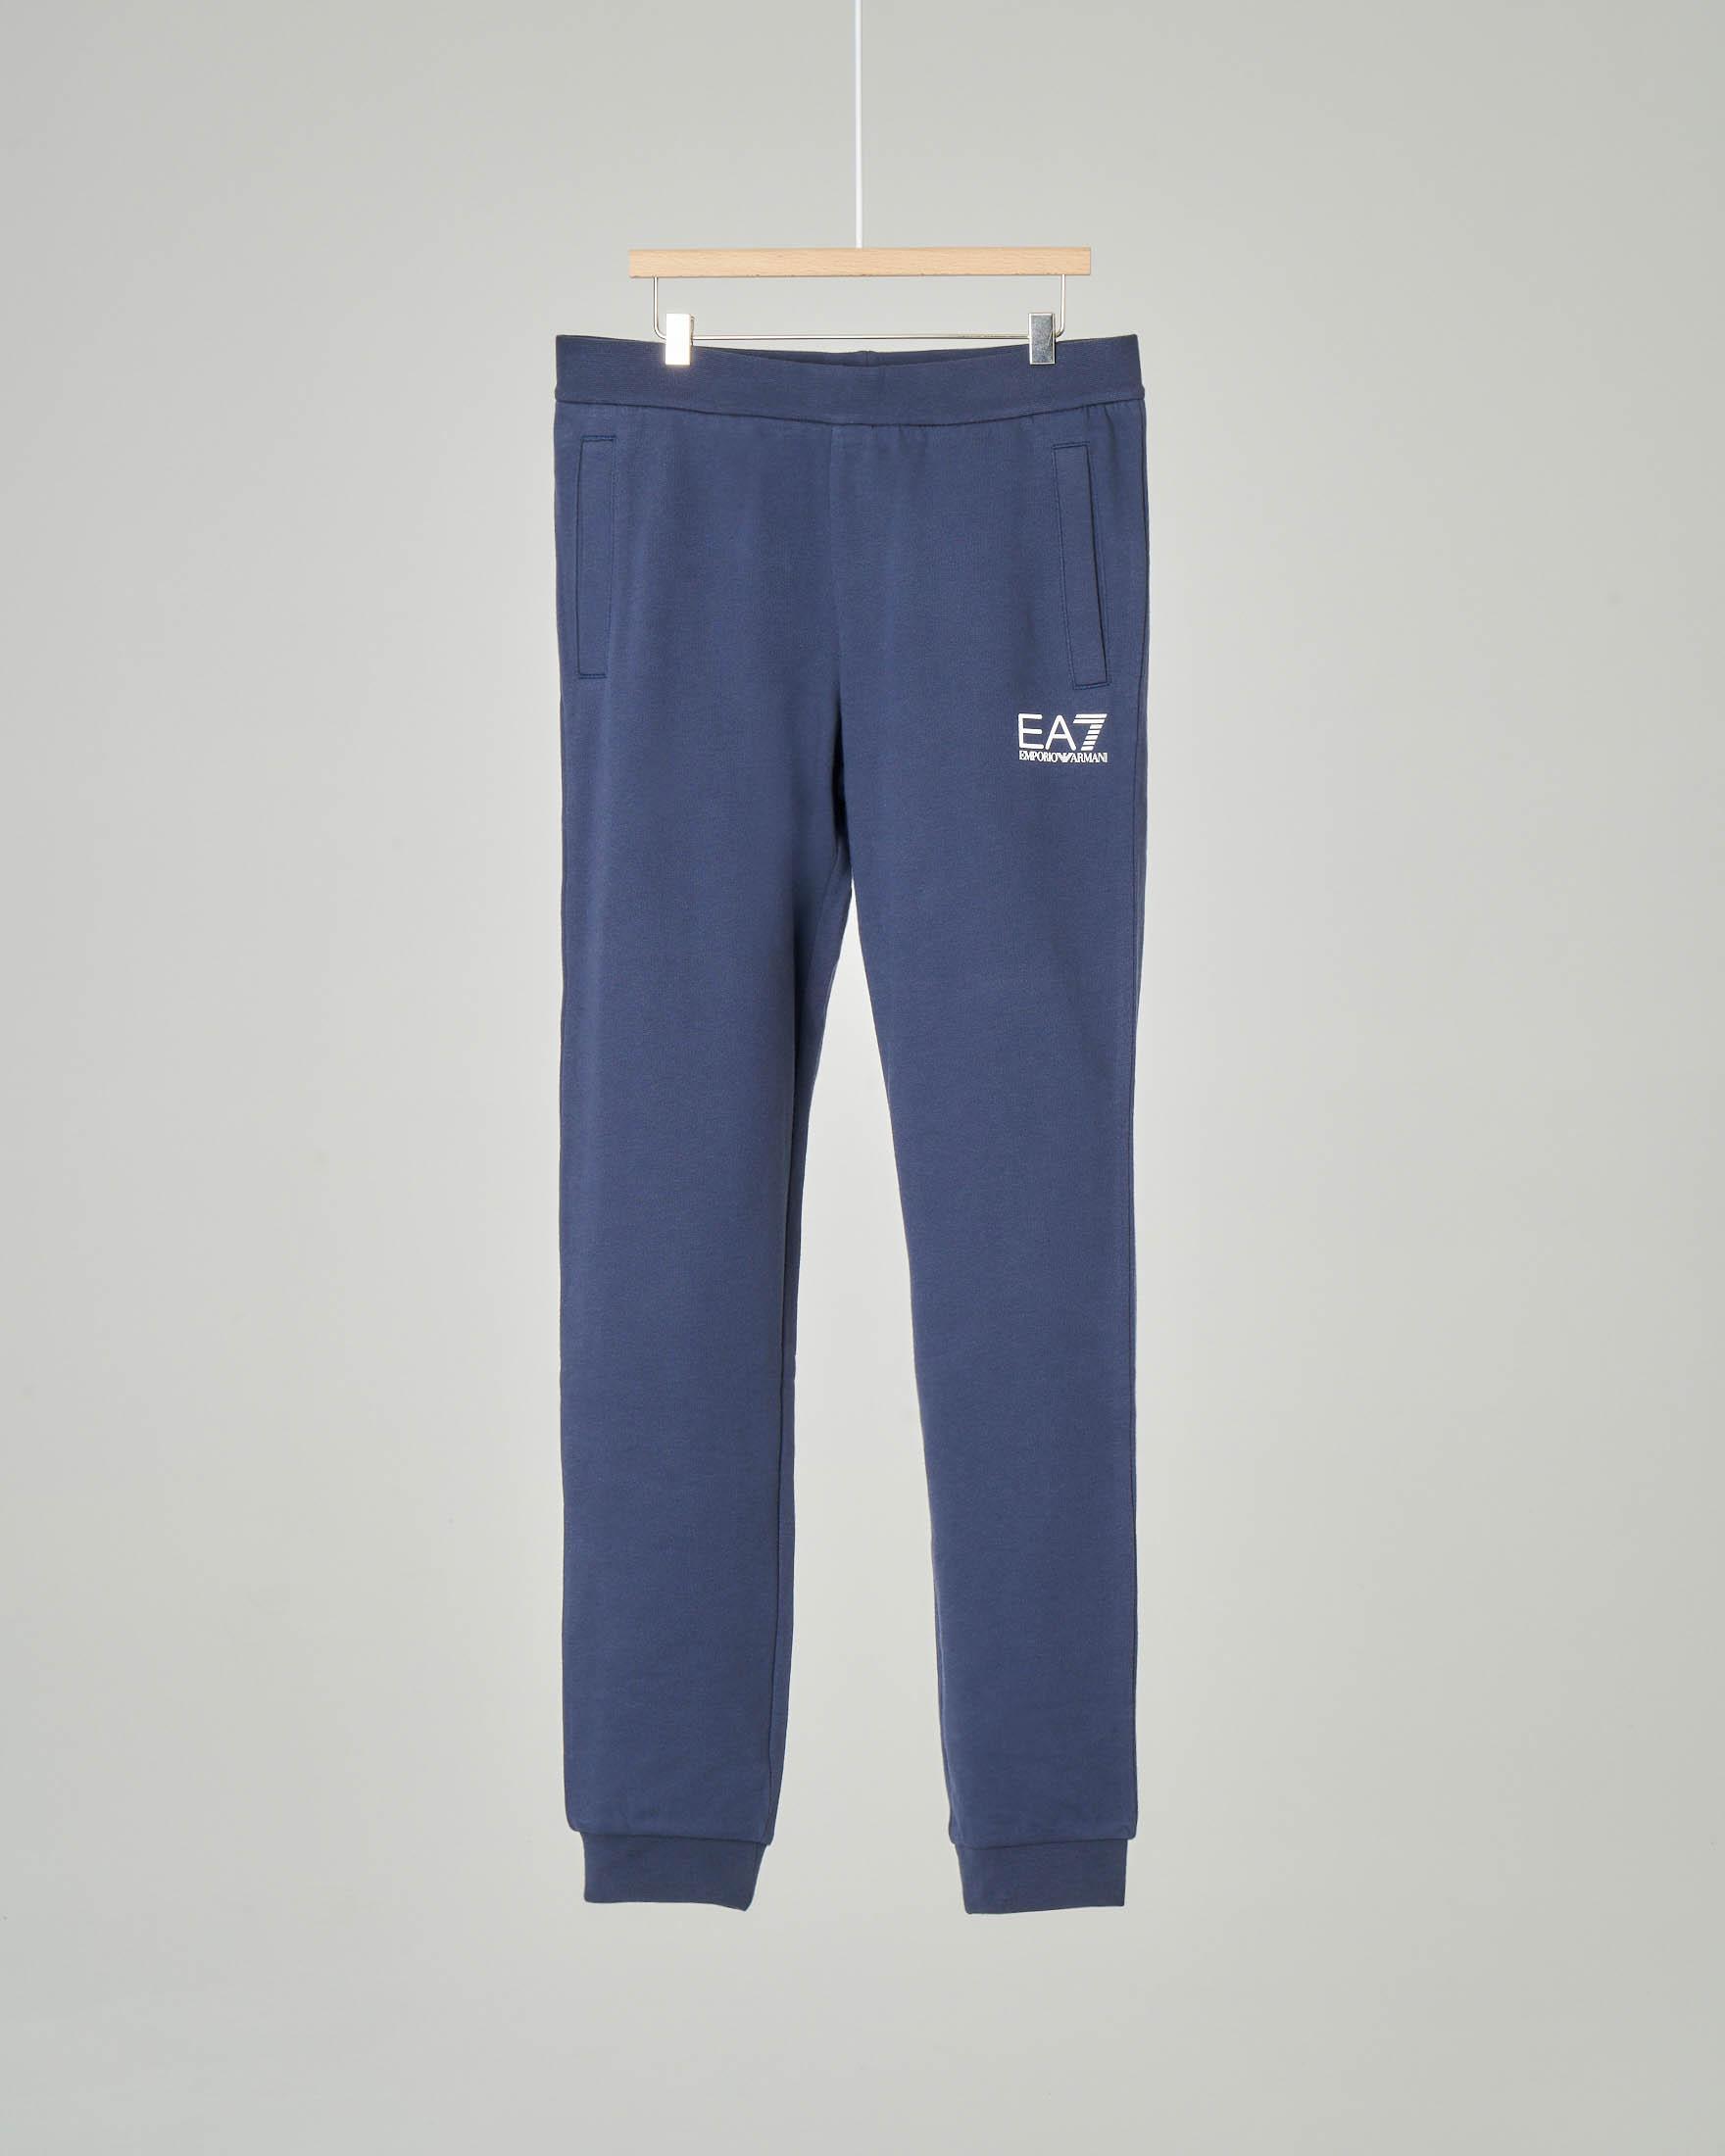 Pantalone blu in felpa con logo piccolo stampato 8-14 anni